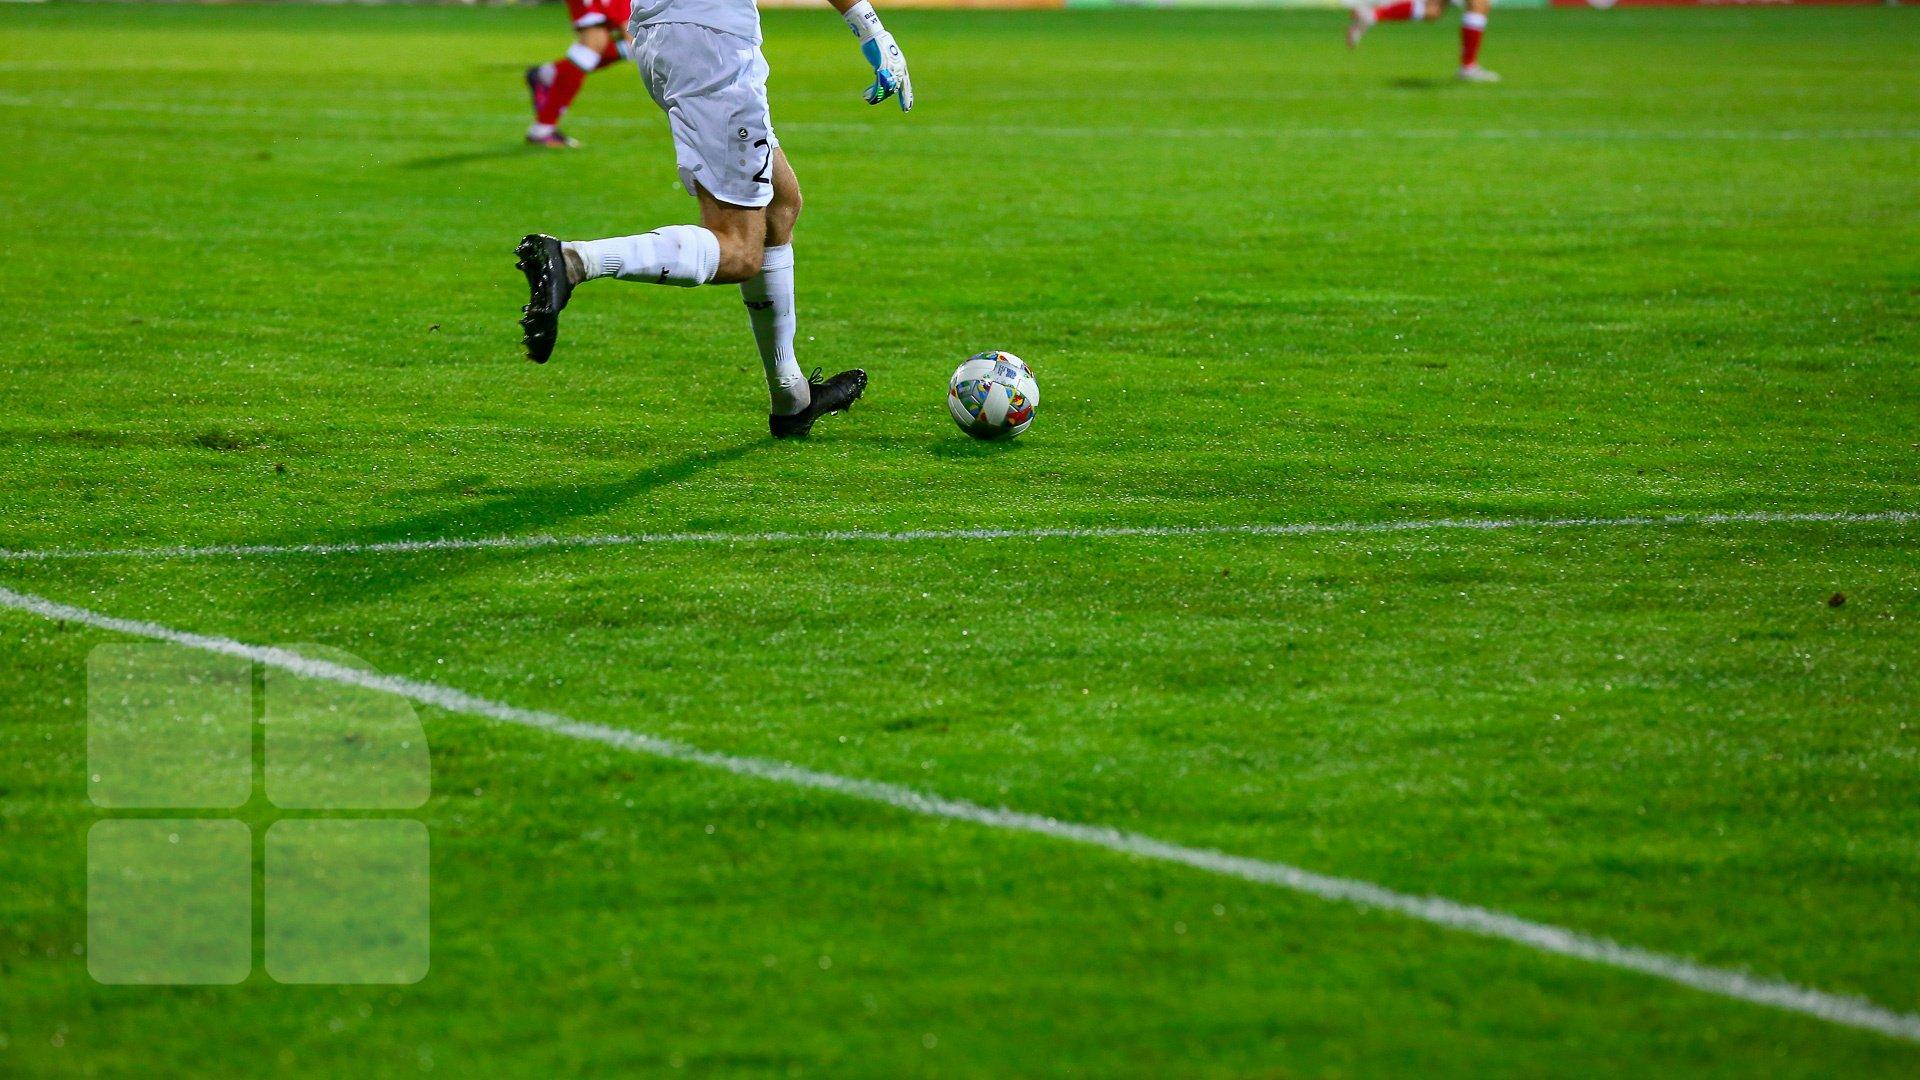 Герта берлин футбольный клуб